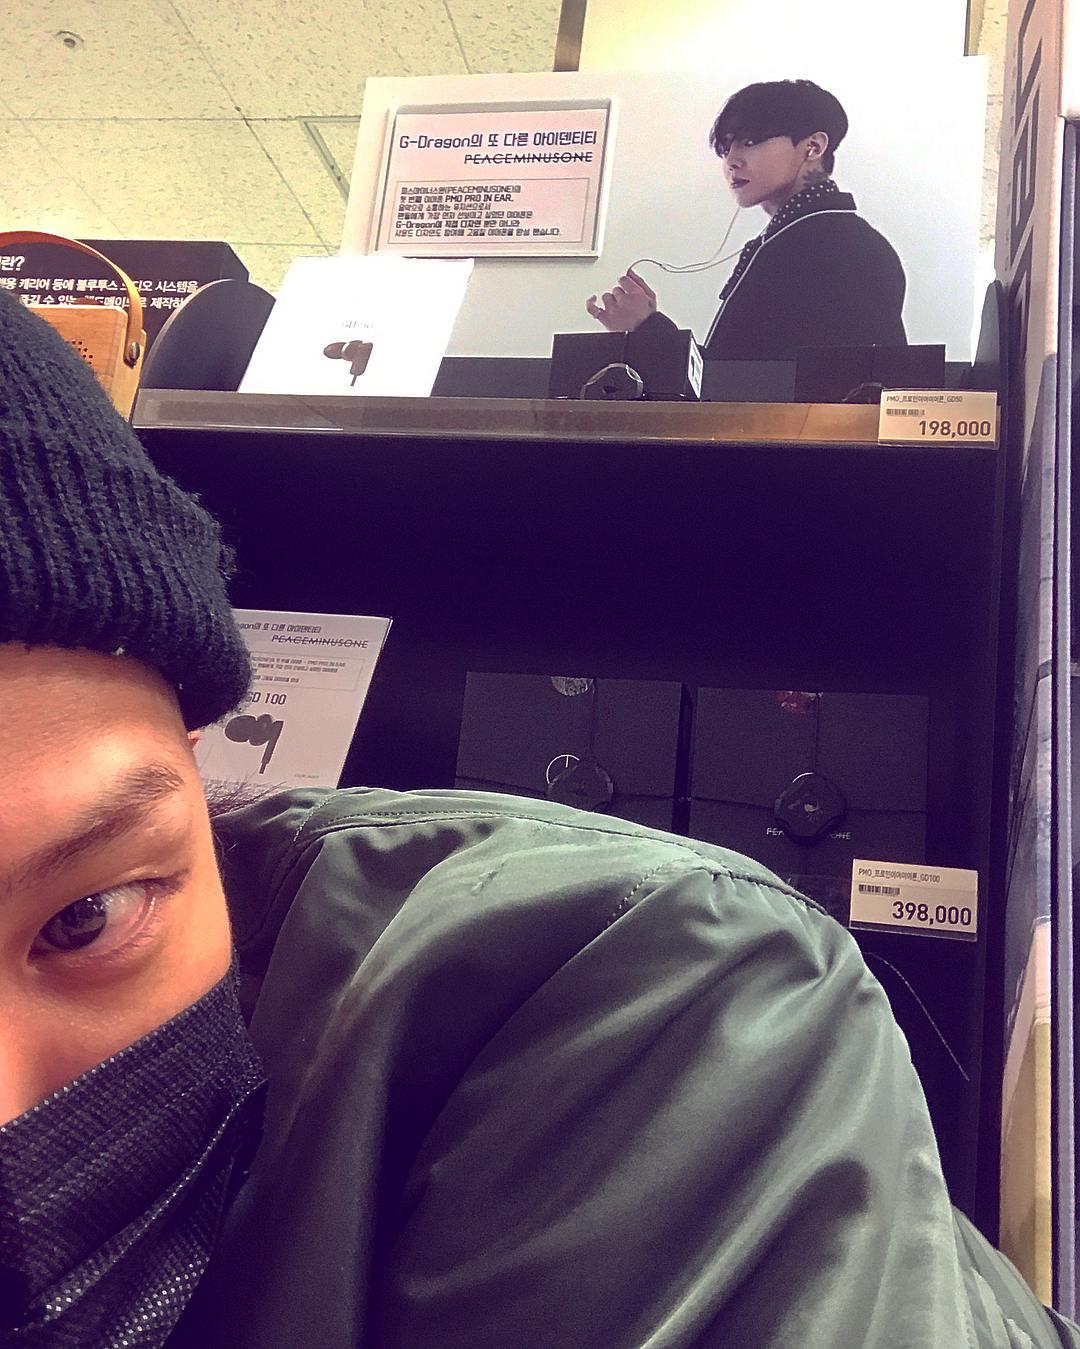 NO.1 #BIGBANG G-gragon 追蹤人數:16.1m  不論是音樂創作才華或個人魅力,GD是時尚圈寵兒同時是YG主要製作人之一,有粉絲說過「GD在哪,話題就在哪」印證他的影響力,有韓媒計算GD一年沒有工作,只靠歌曲版稅也很足夠,是韓國每年最多音樂版權收入的一位,但因為如此崇高的地位,GD的私生活同樣是被關注的焦點之一,有網友形容GD的生活就像「欲戴王冠,必承其重」其實背負很大的壓力。